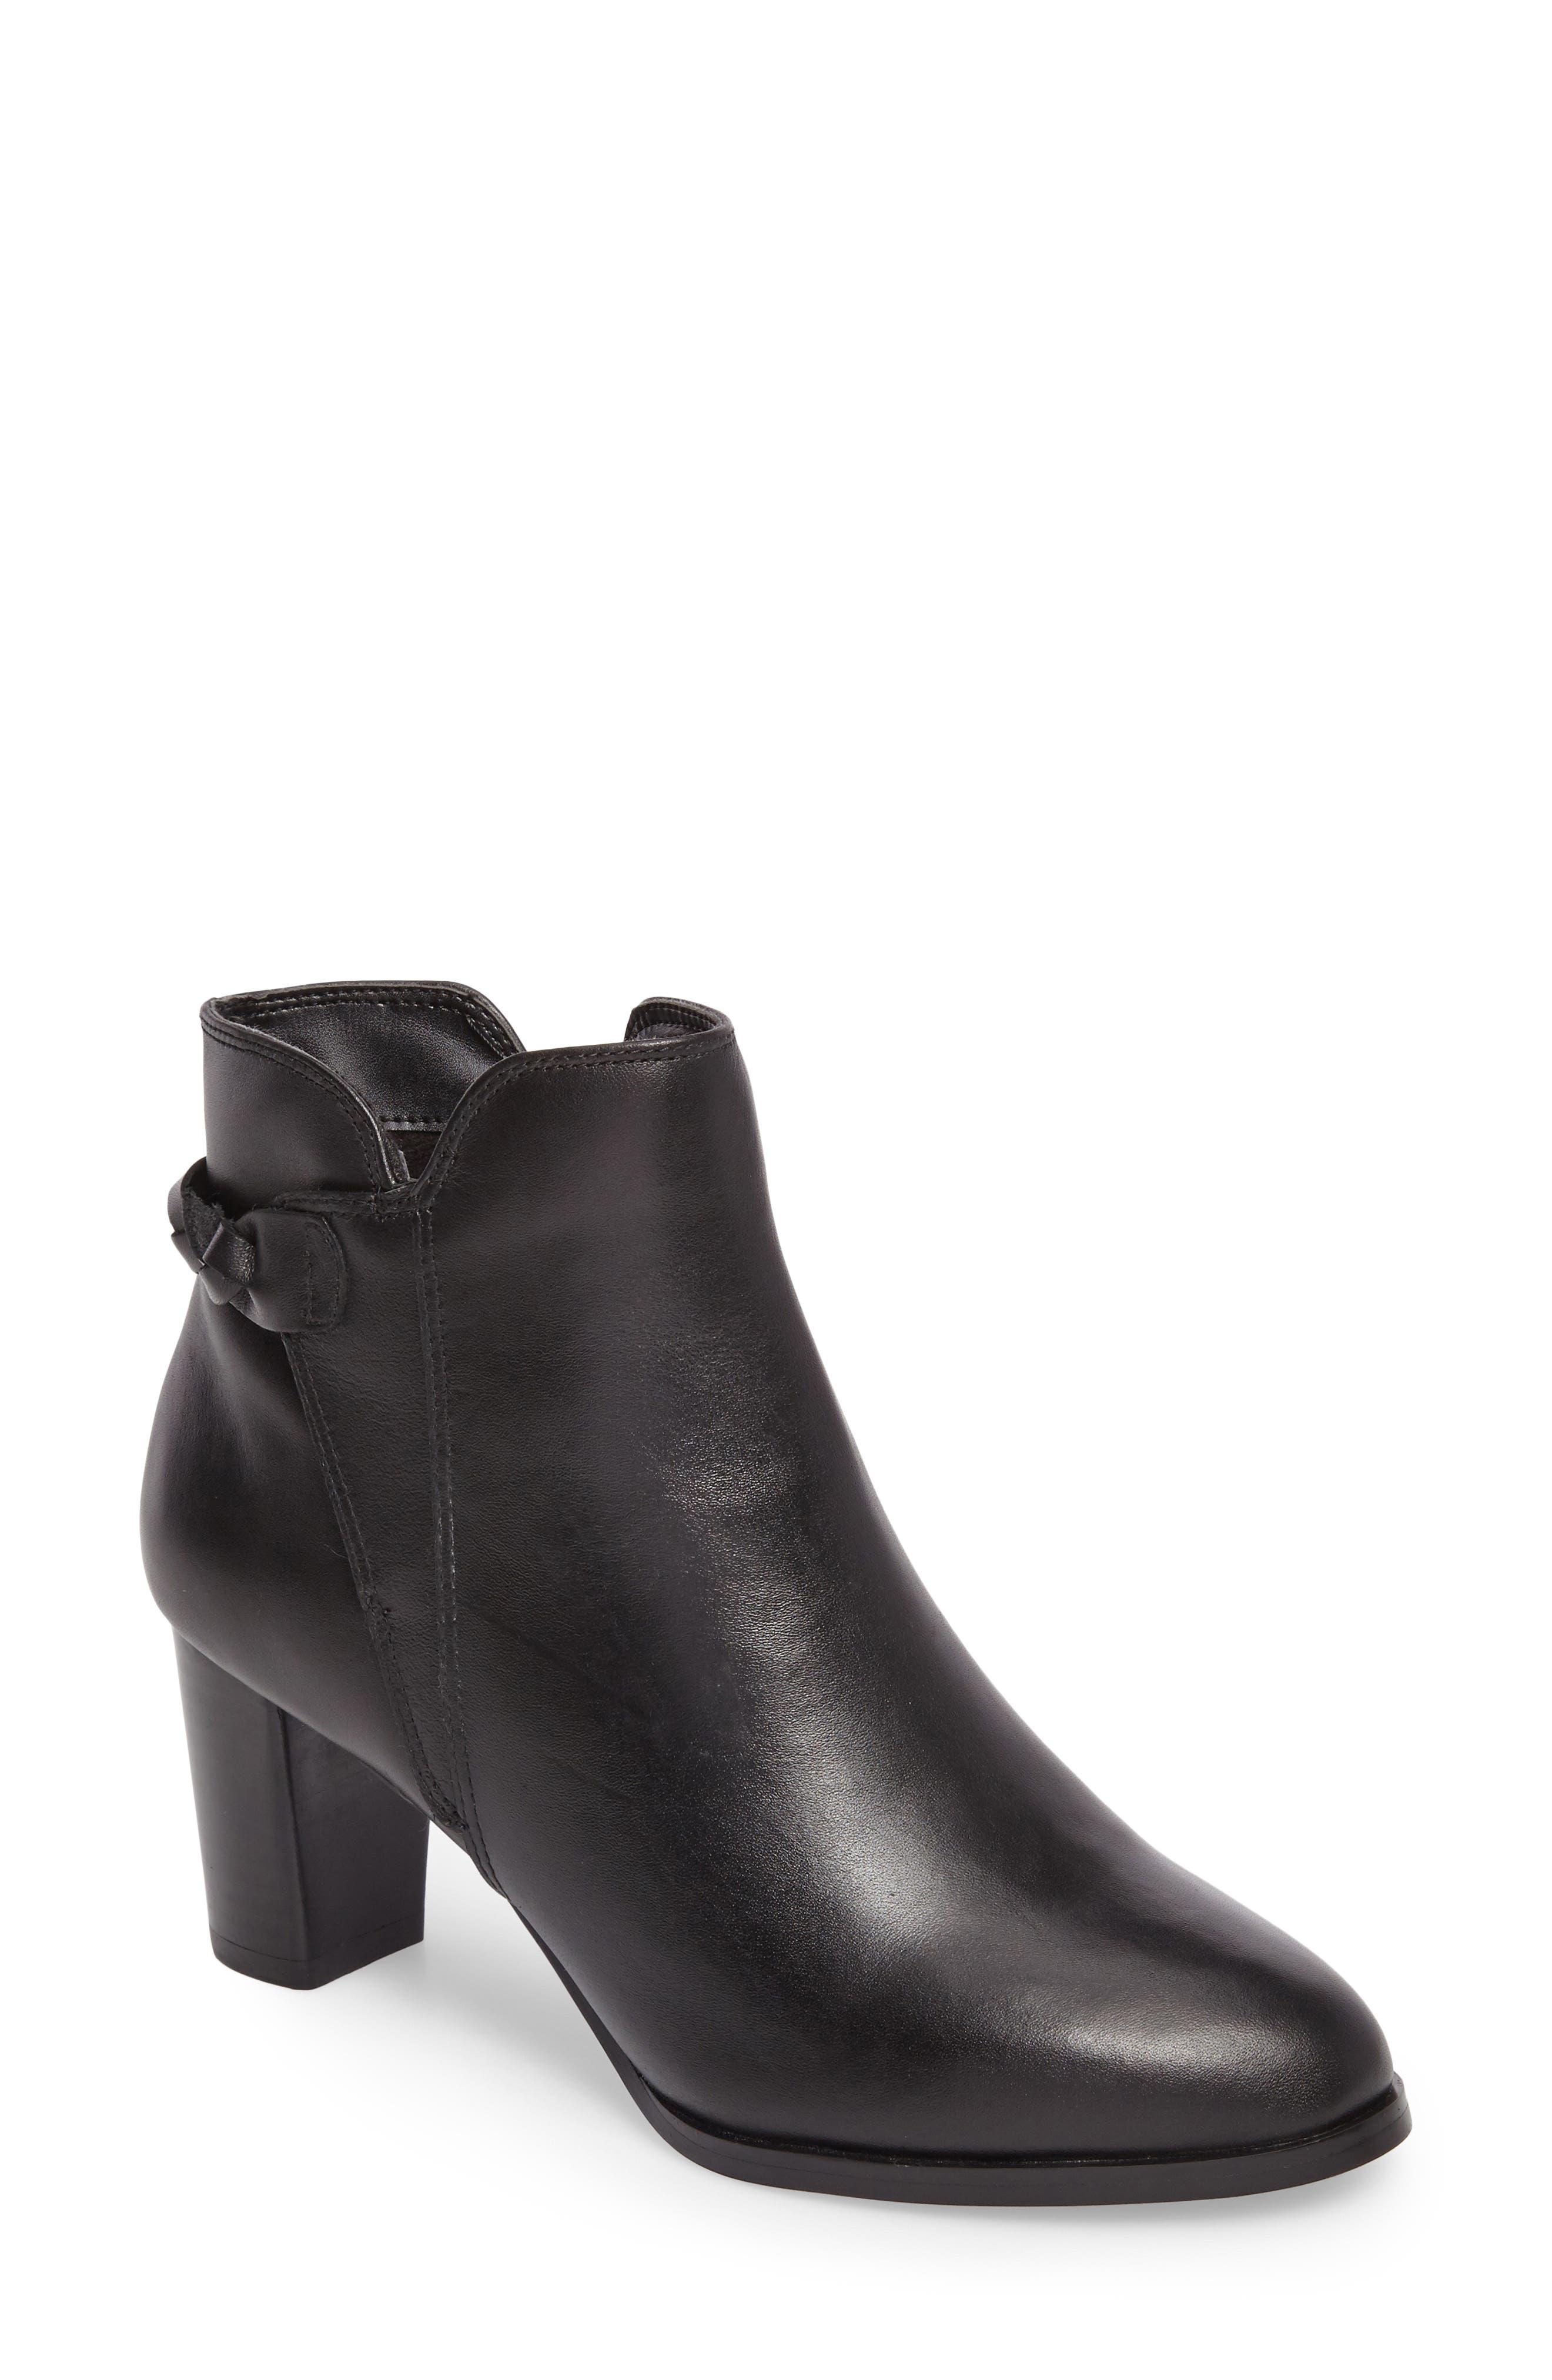 Doran Bootie,                             Main thumbnail 1, color,                             Black Leather